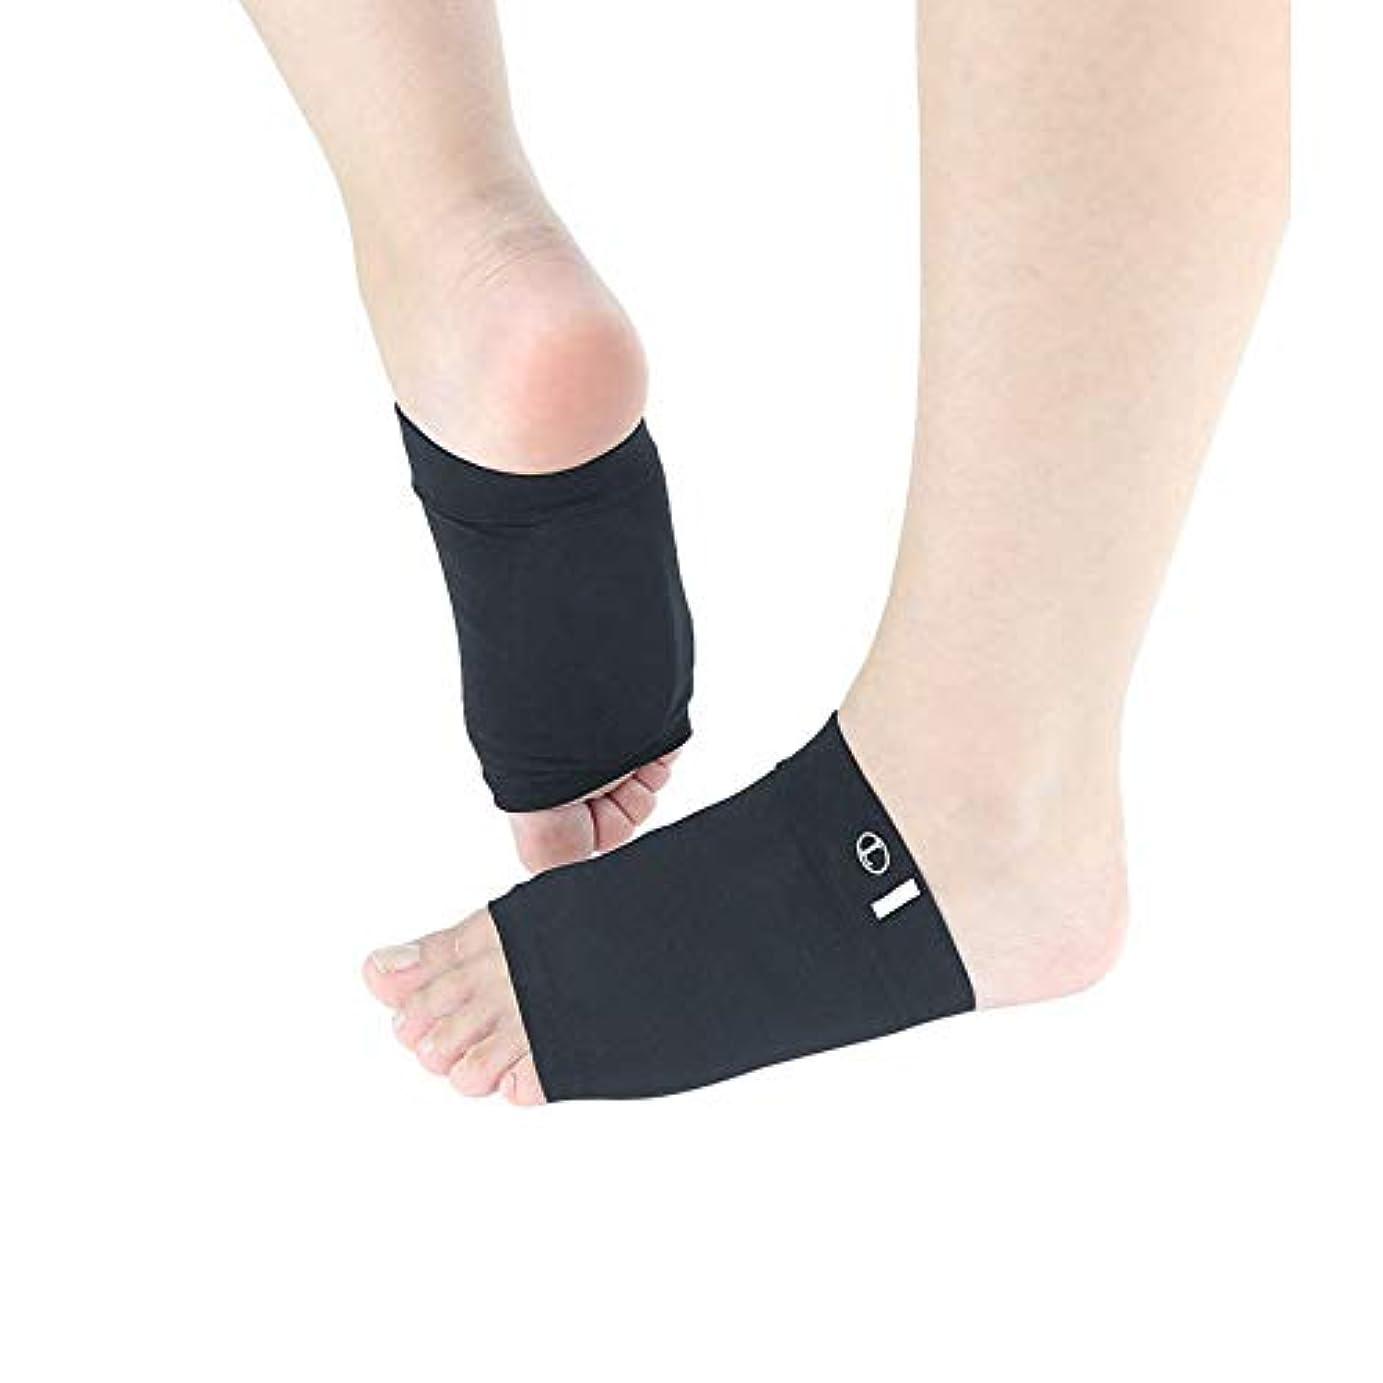 一般的な大西洋マイルドTCATEC 扁平足 サポーター アーチサポーター 偏平足 矯正 足裏 土踏まず むくみ解消 衝撃吸収 足底筋膜炎 足の痛み対策 歩行 立ち仕事 フリーサイズ 男女兼用